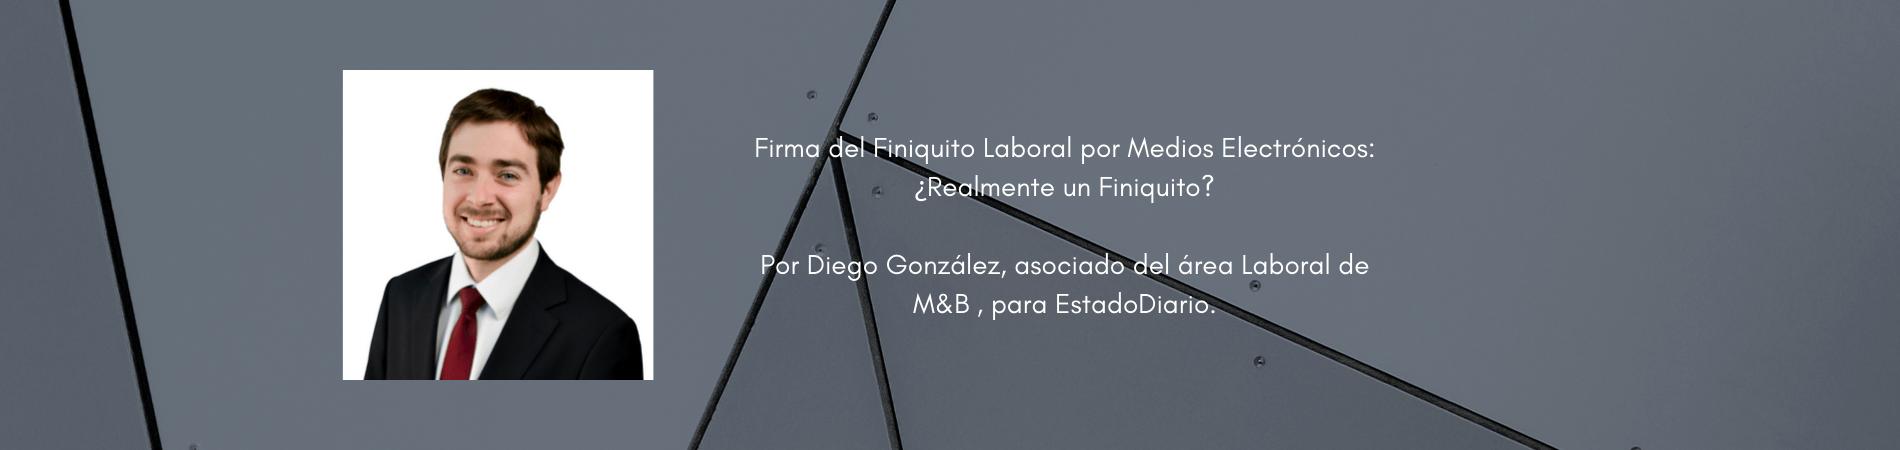 """Diego González en EstadoDiario: """"Firma del Finiquito Laboral por Medios Electrónicos: ¿Realmente un Finiquito?"""""""